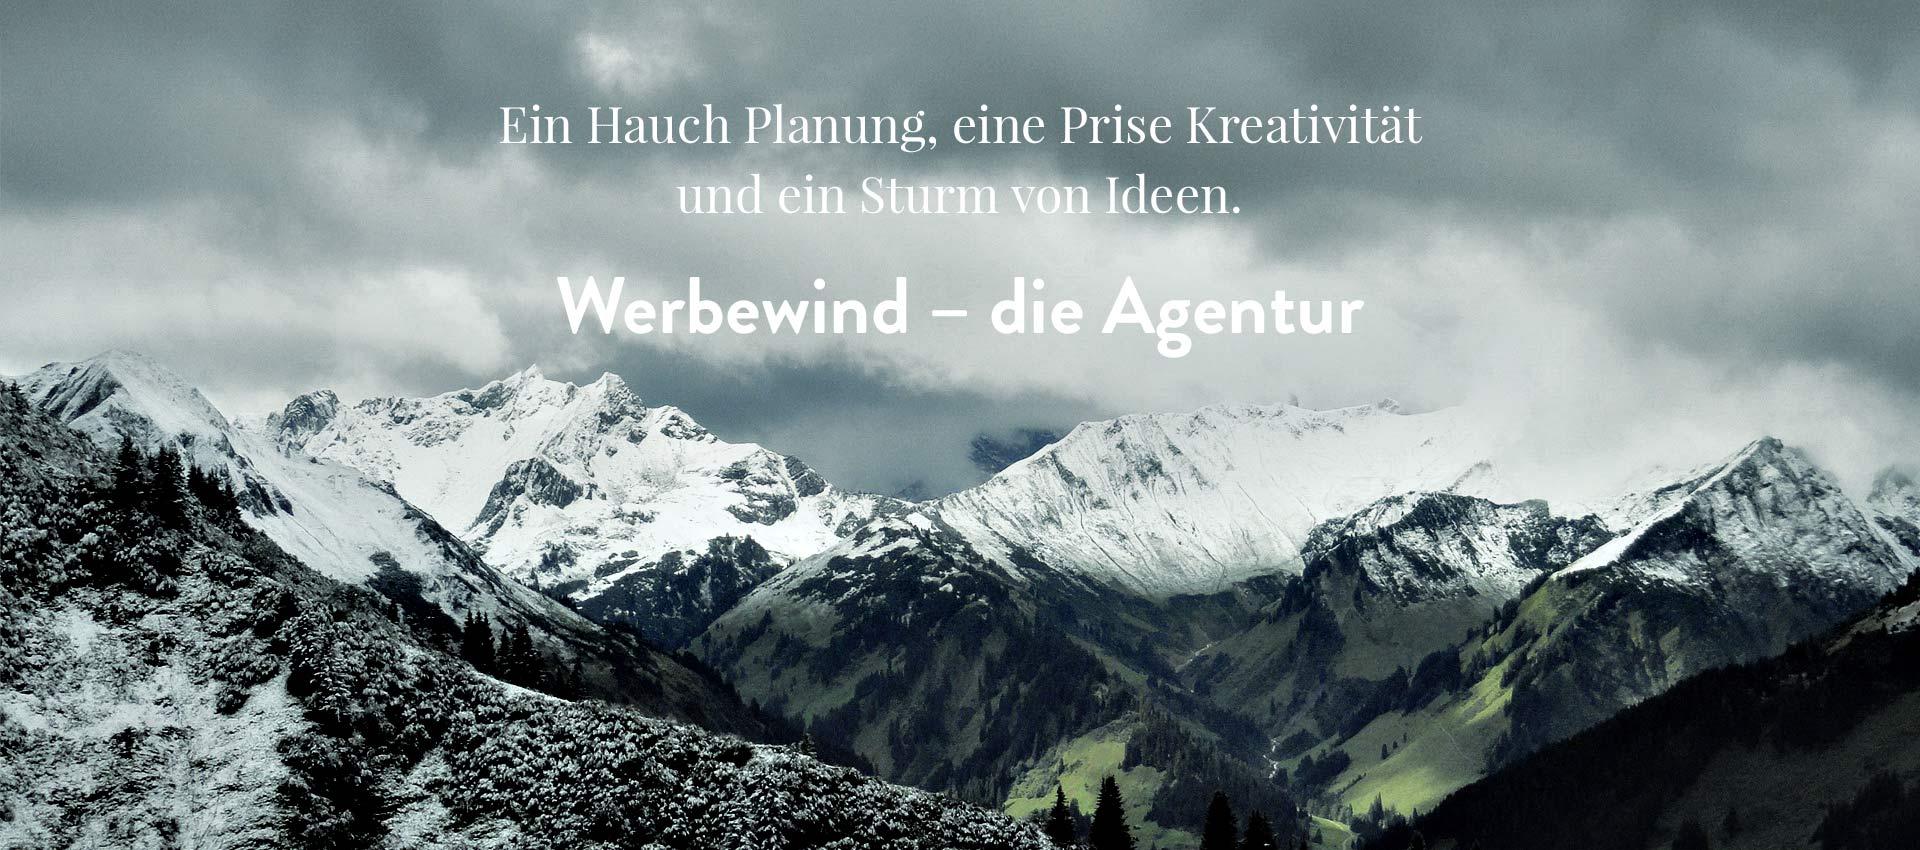 Die Werbeagentur im <strong>Allgäu</strong>